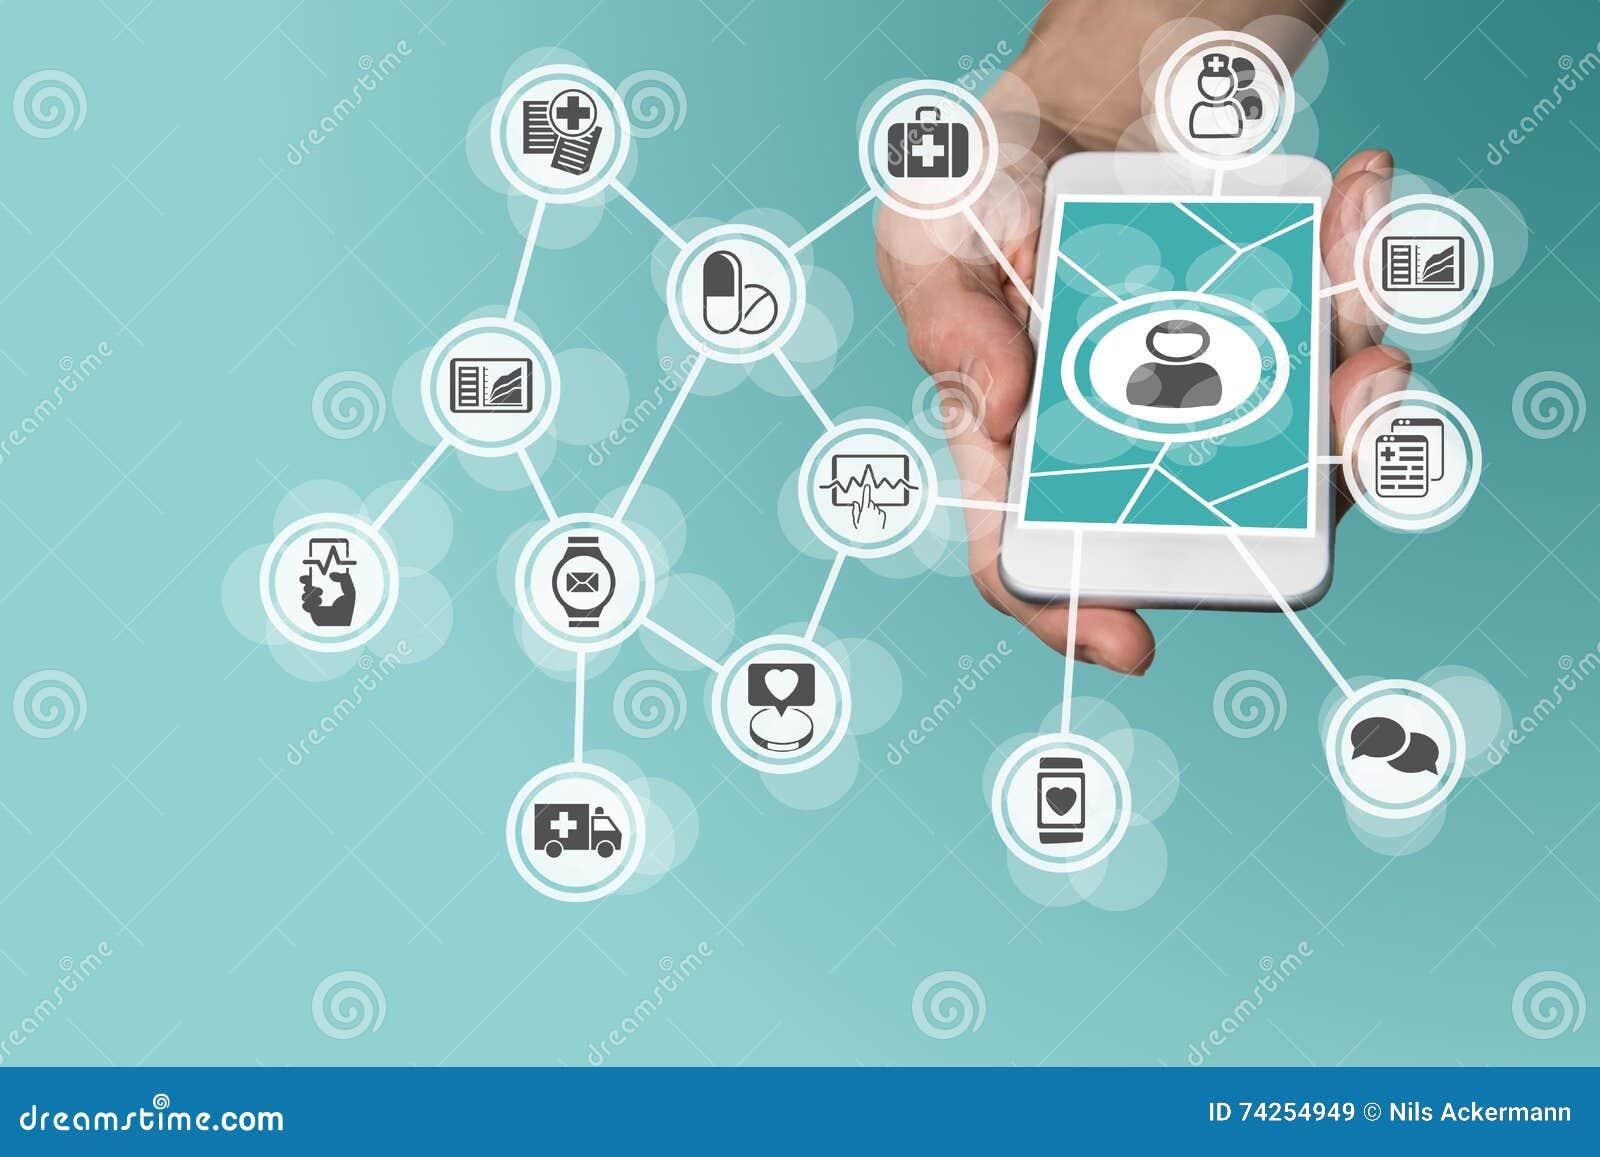 Digitaal en mobiel gezondheidszorgconcept die met hand slimme telefoon houden